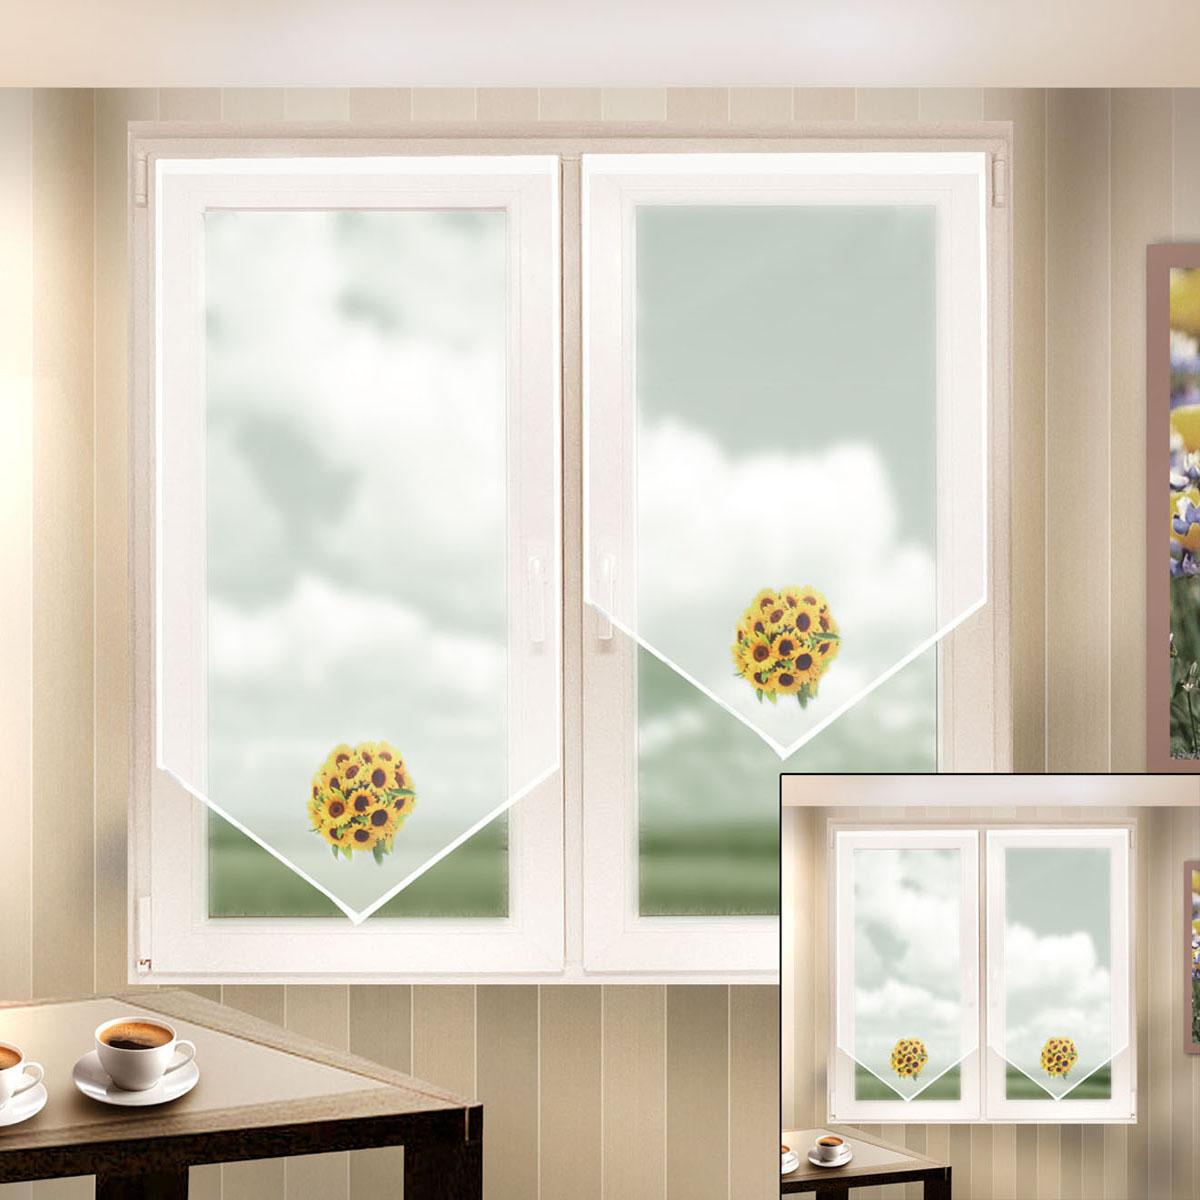 Гардина Zlata Korunka, на липкой ленте, цвет: белый, высота 120 см и 140 см, 2 шт. 666058666058Гардина на липкой ленте Zlata Korunka, изготовленная из легкого полиэстера, станет великолепным украшением любого окна. Полотно из белой вуали с печатным рисунком привлечет к себе внимание и органично впишется в интерьер комнаты. Крепление на липкой ленте, не требующее сверления стен и карниза. Многоразовое и мгновенное крепление.